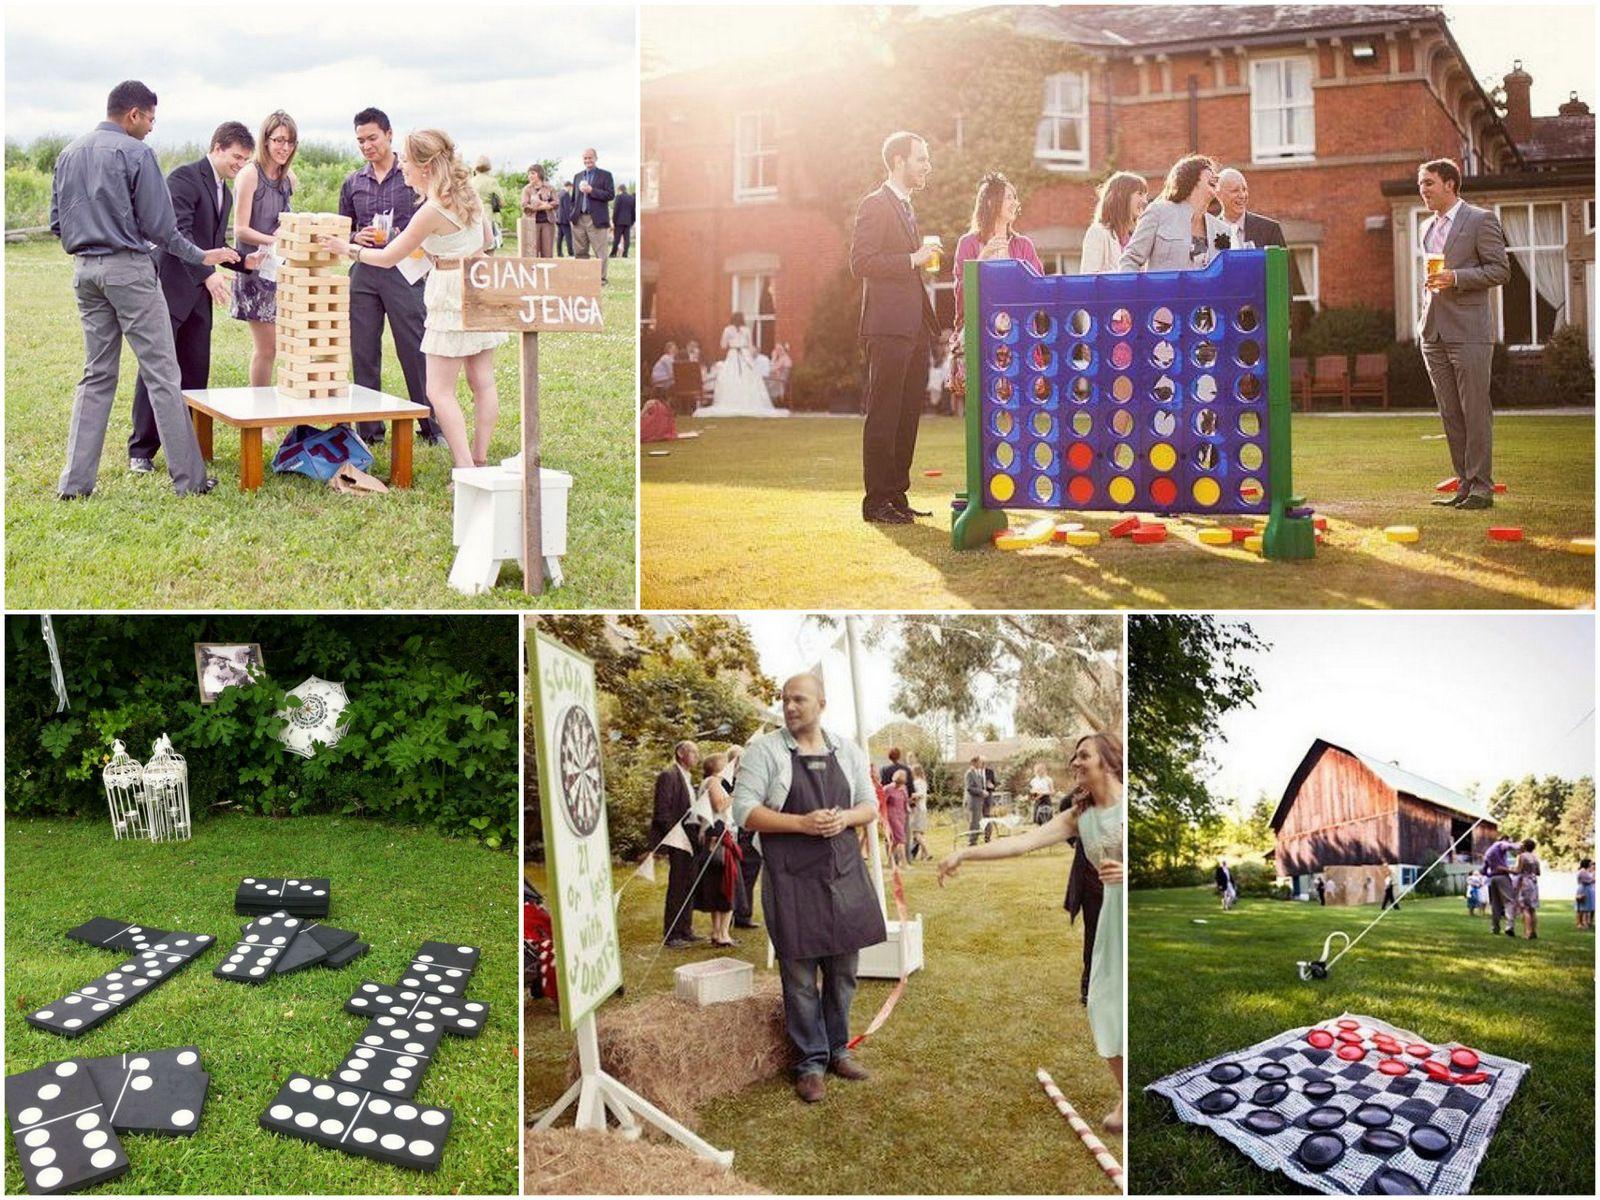 Intrattenimento Di Matrimonio Svaghi E Giochi Tulle E Confetti Intrattenimento Matrimonio Matrimonio Intrattenimento